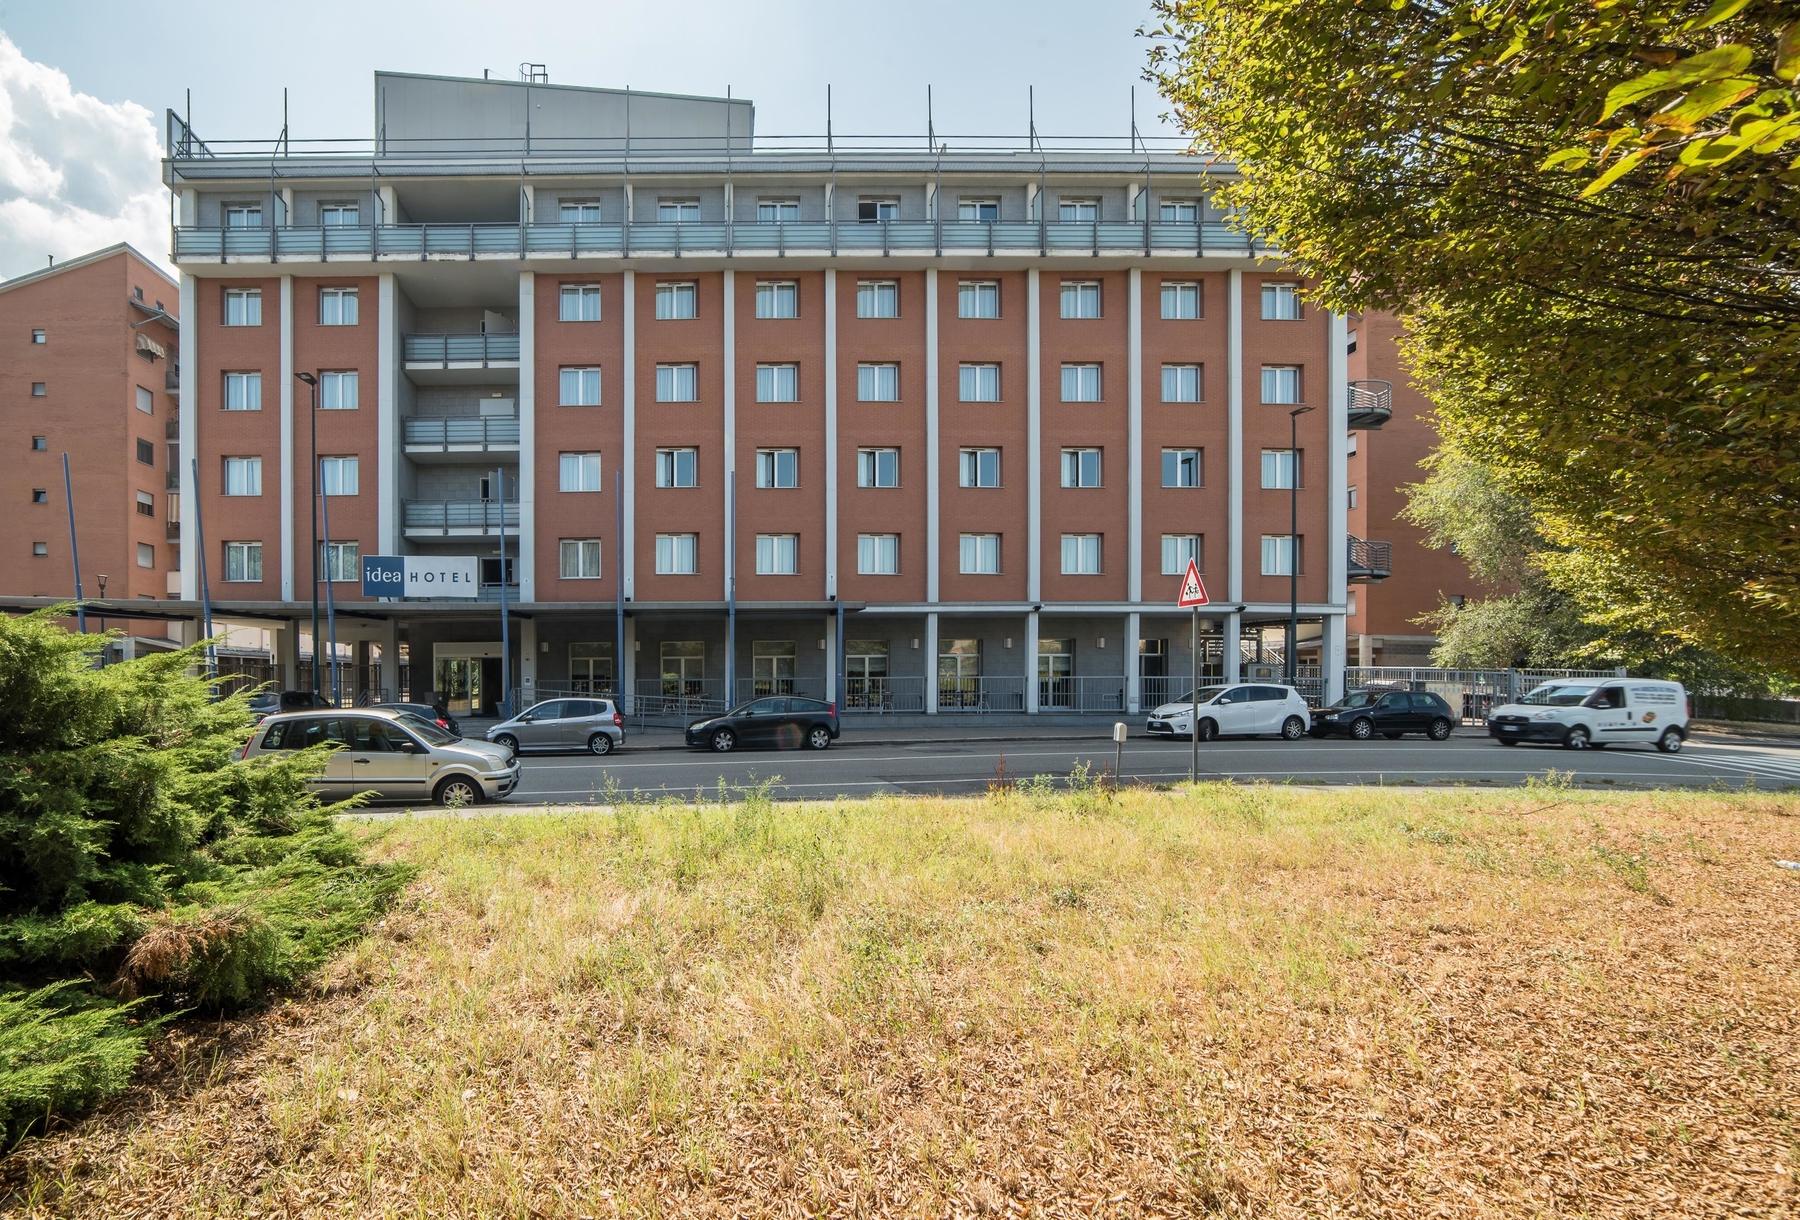 Idea Hotel Turín Mirafiori